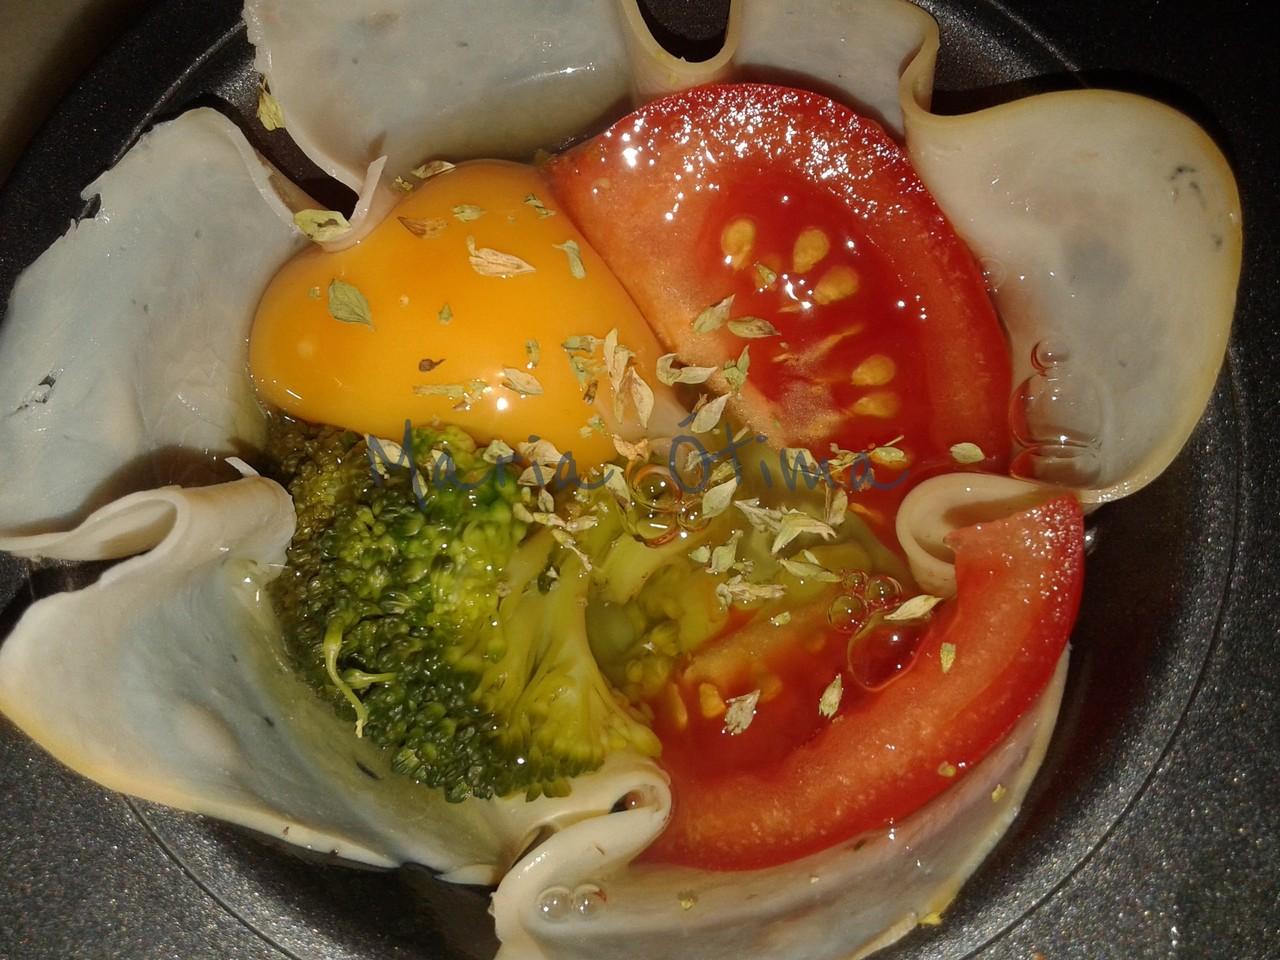 Ovos estrelados com legumes.jpg